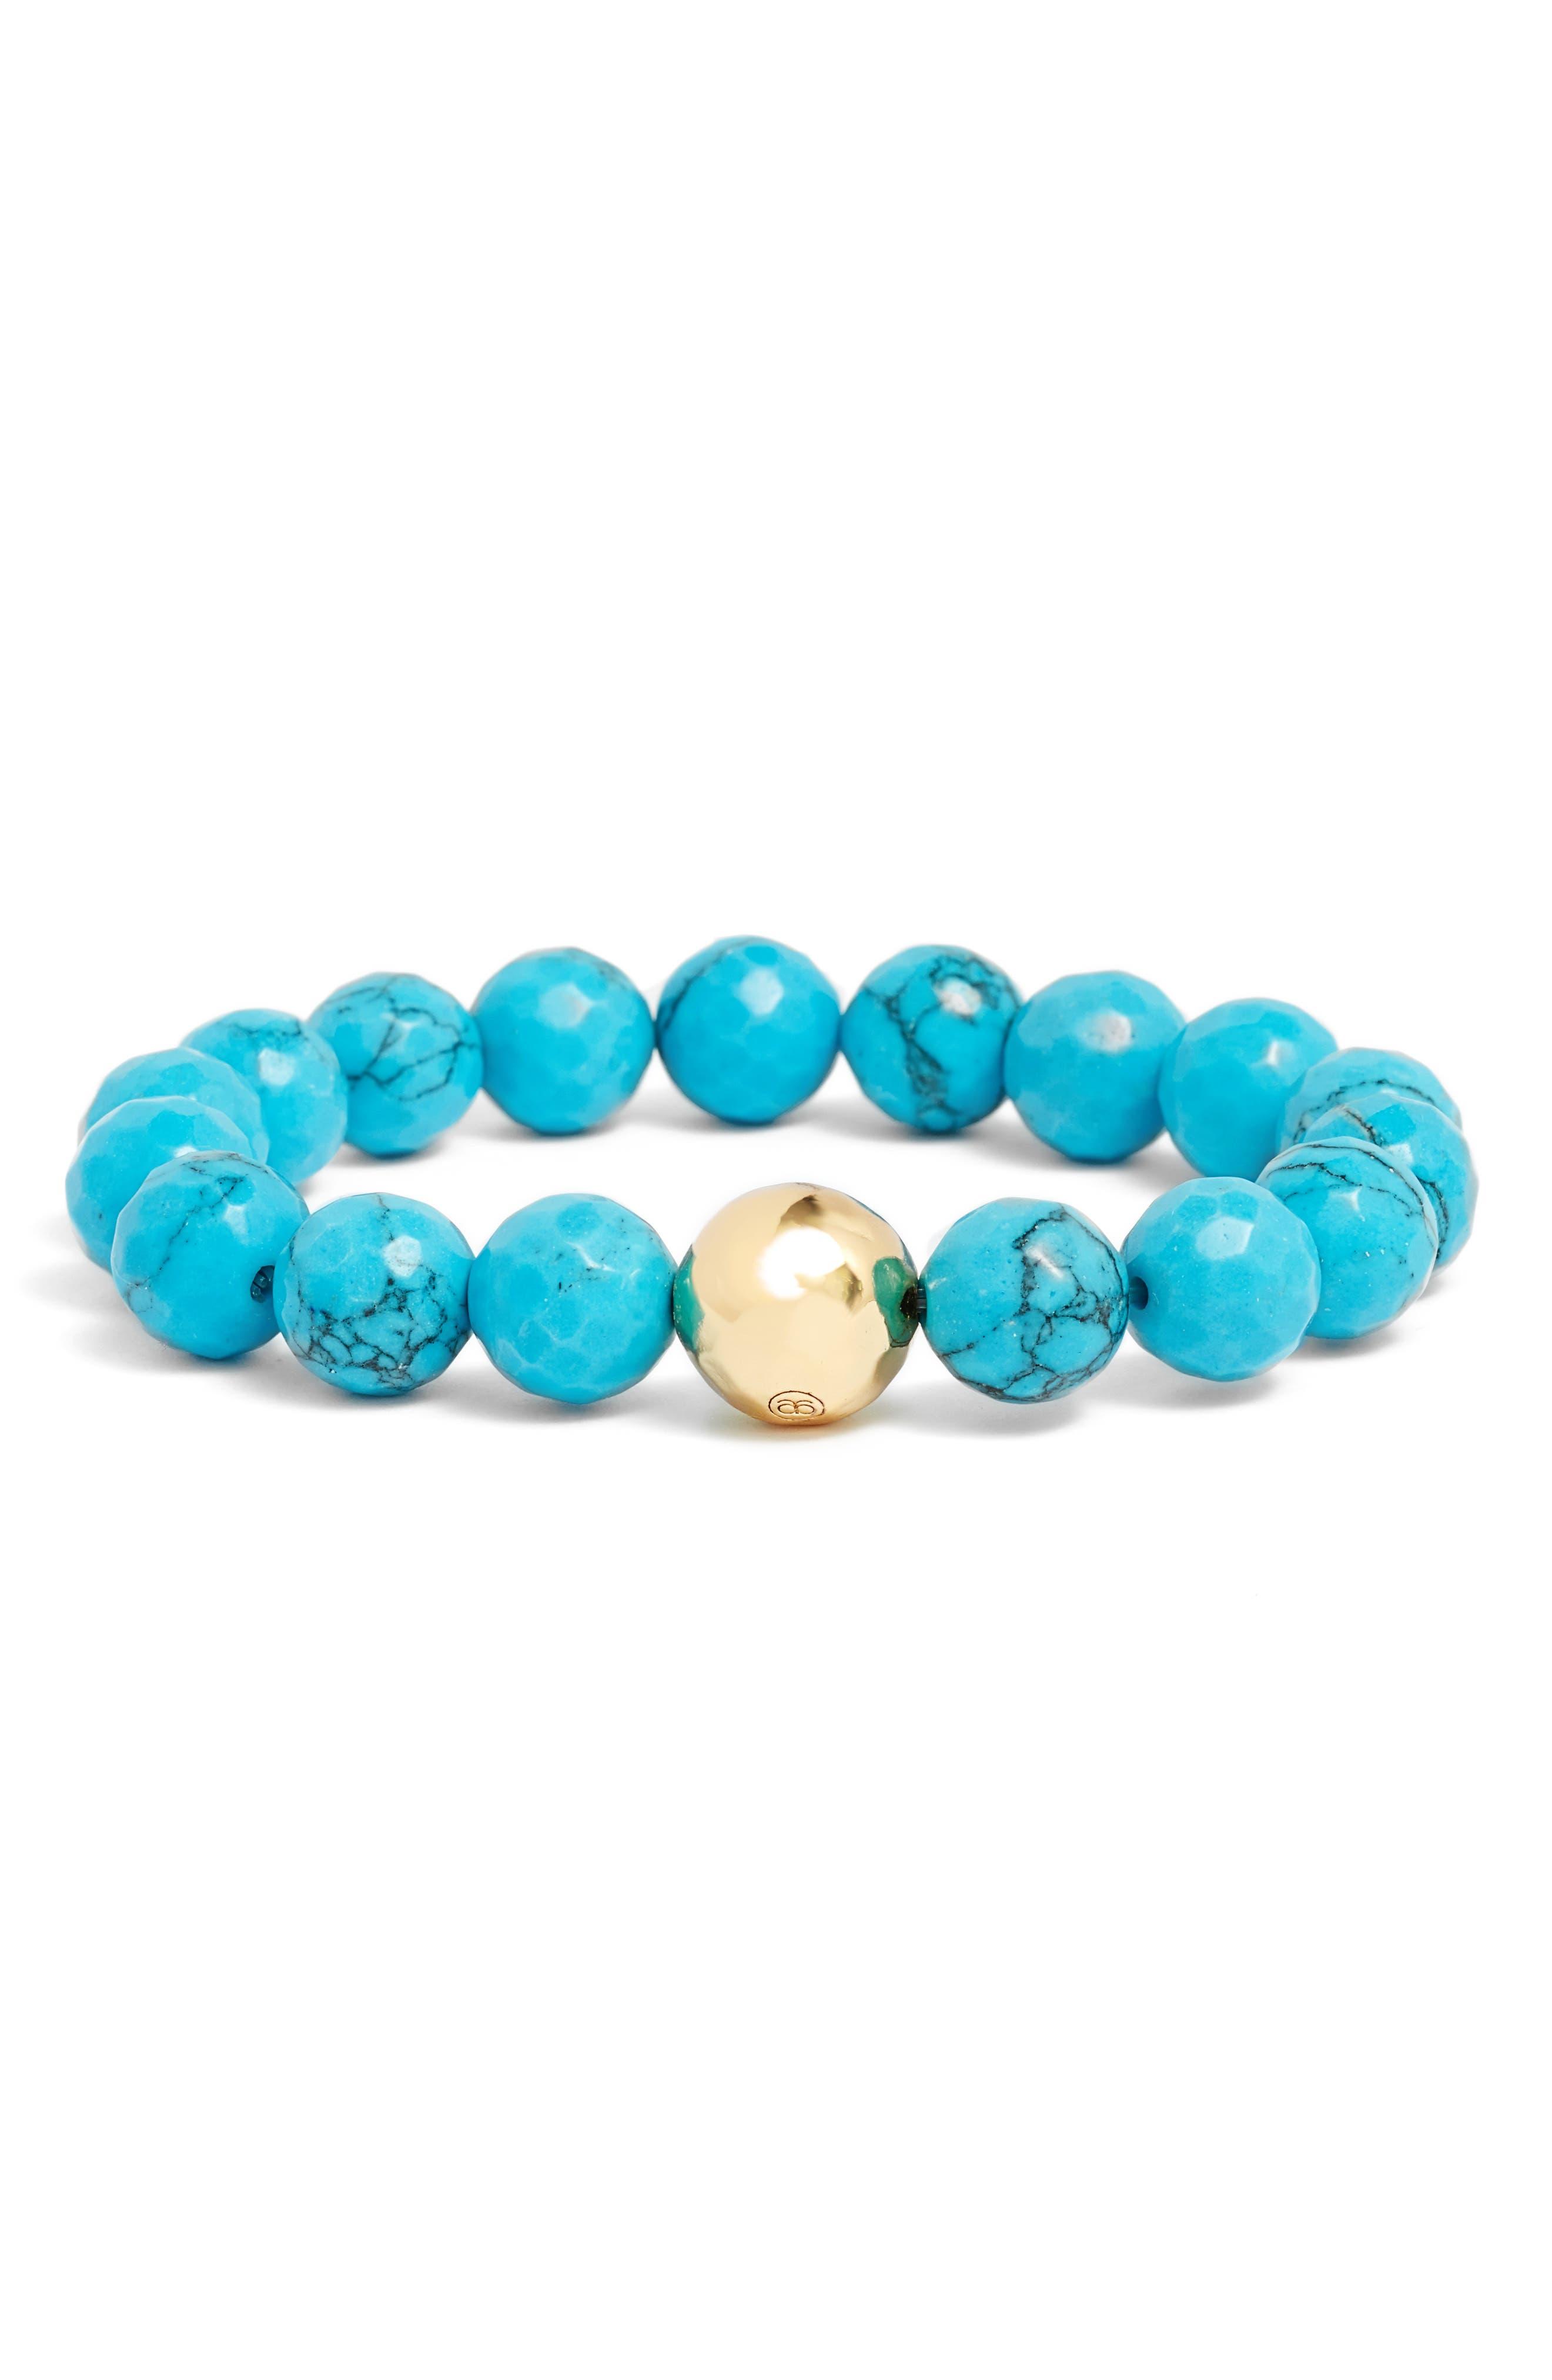 gorjana Power Gemstone Turquoise for Healing Bracelet